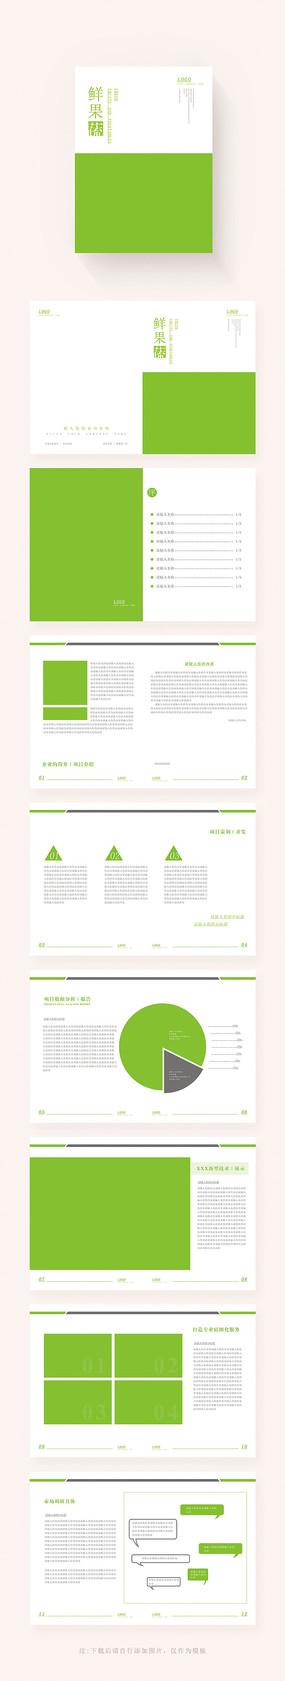 清新绿色果蔬画册设计